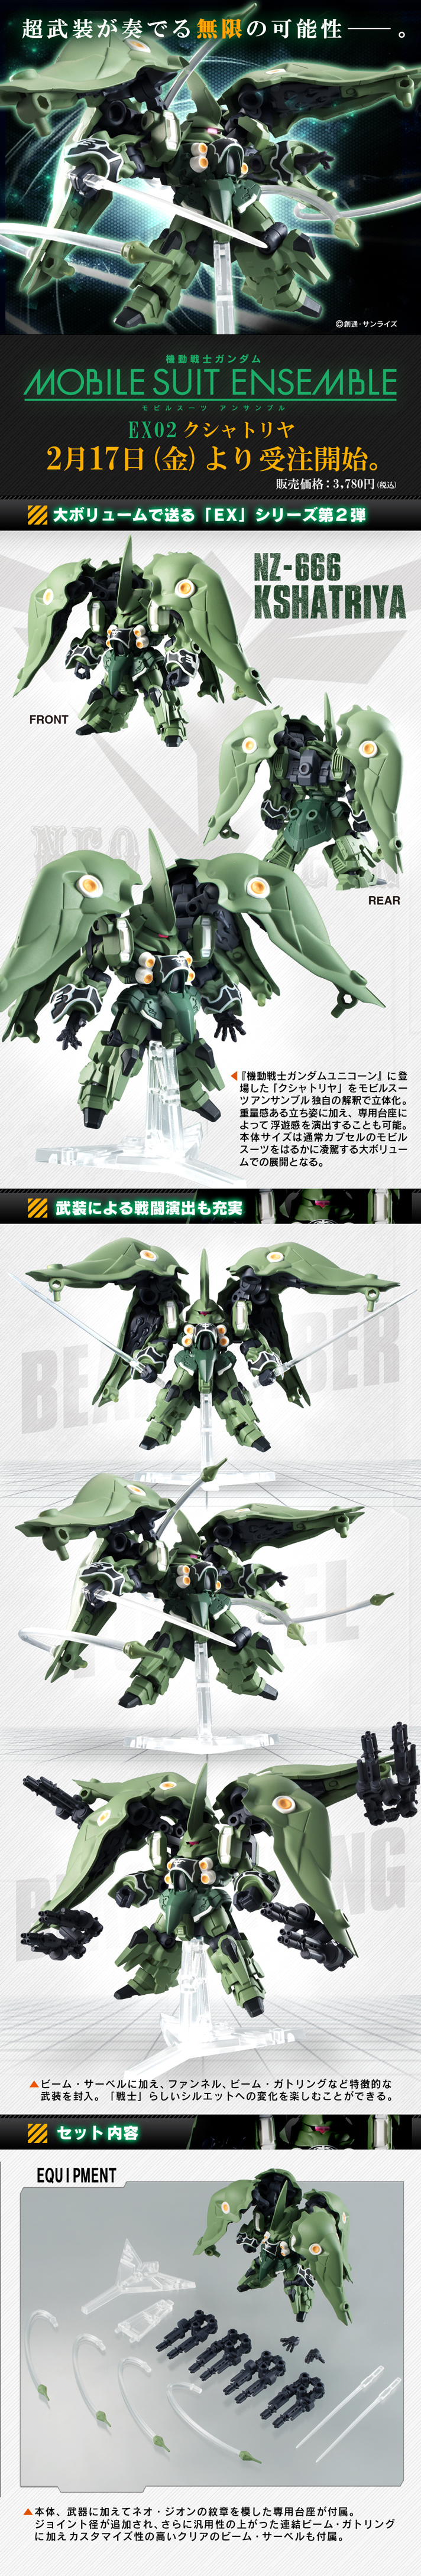 《機動戰士鋼彈》MOBILE SUIT ENSEMBLE EX02「剎帝利」超武裝登場!クシャトリヤ